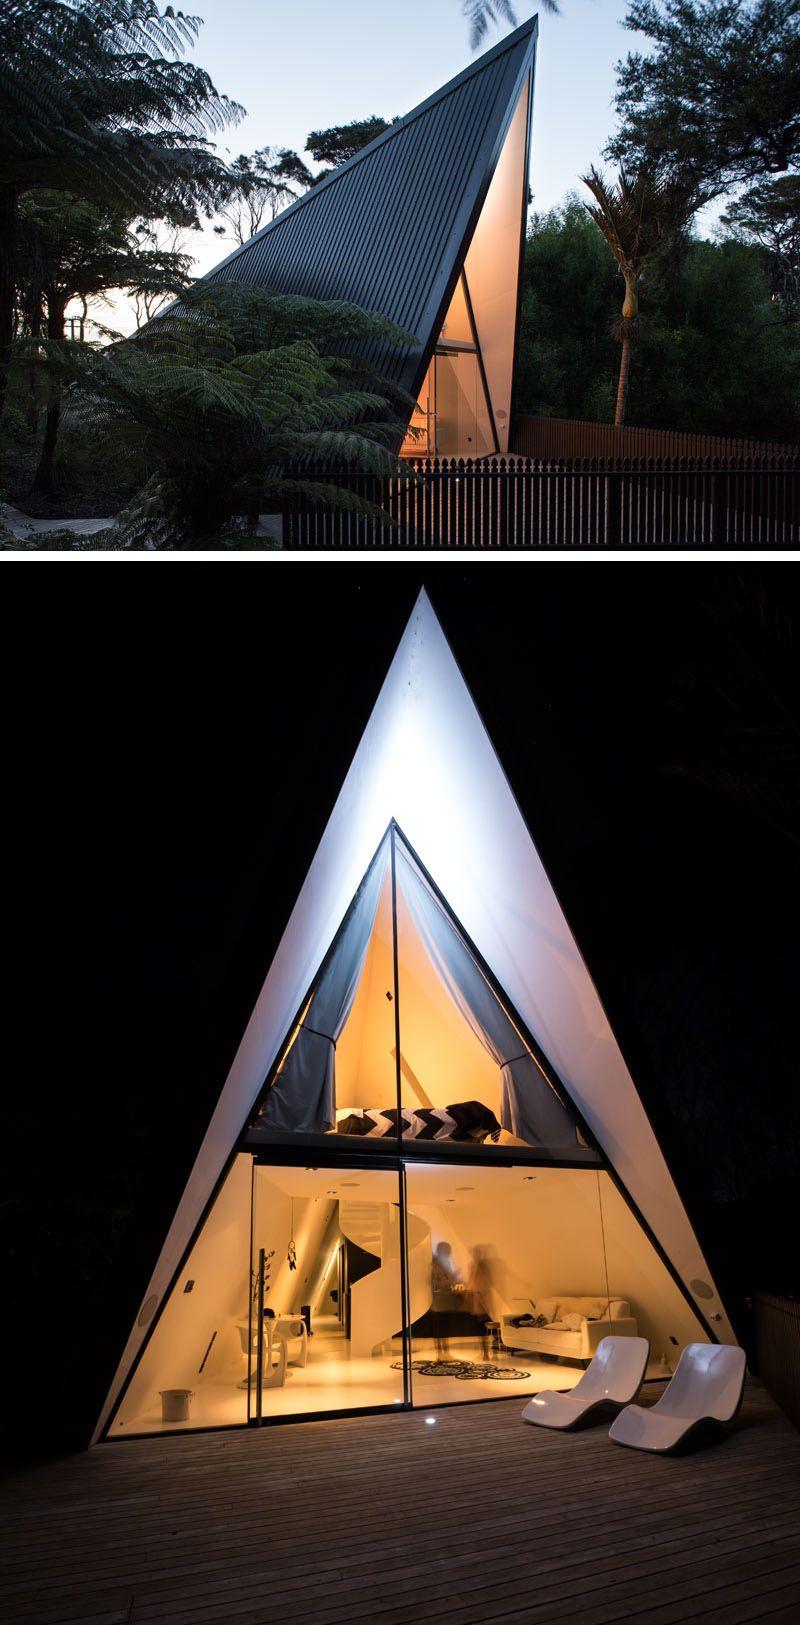 Maison pyramide- la «tente» haut de gamme dans les arbres en ...